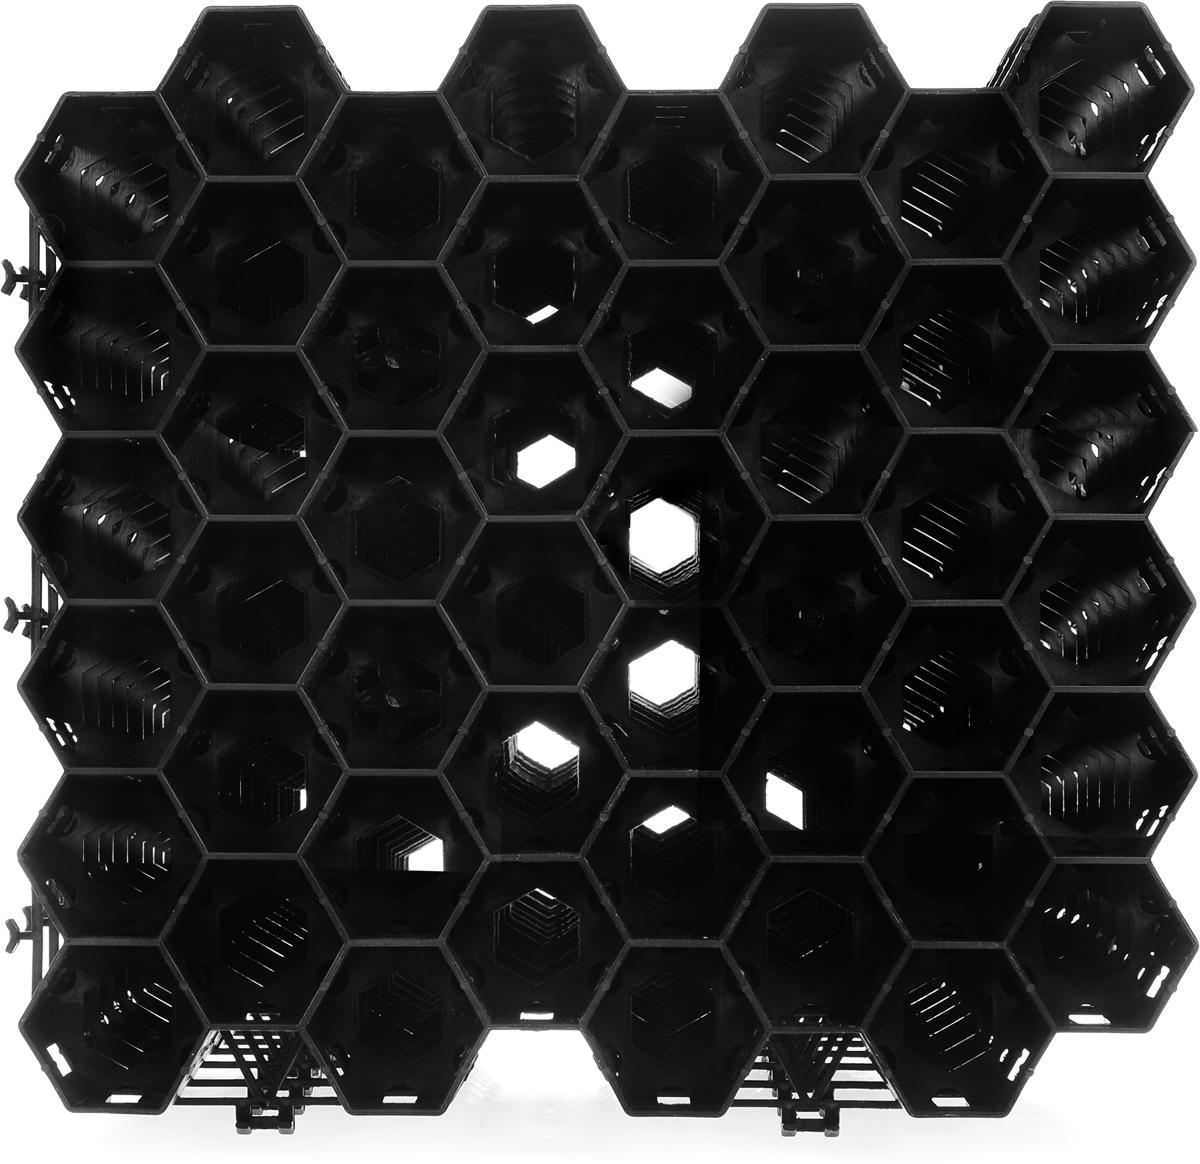 Решетка газонная Konex, 38 х 36 х 4 см, 10 штГРГазонная решетка Konex - это ячеистый модуль, который используется для укрепления грунта и защиты корневой системы растений газона от повреждений, например, для создания зеленых пешеходных и игровых зон, а также так называемых экопарковок. Ячейки газонной решетки свободно пропускают извне влагу, а изнутри - растущую траву, надежно предохраняя растения от вытаптывания пешеходами или повреждения колесами транспорта. Газонные решетки укладываются в грунт на небольшую глубину, не препятствуют прорастанию травы, способствуют образованию красивого и ровного покрытия с надежно защищенной ячейками корневой системой. Размер секции: 38 х 36 х 4 см. Количество секций: 10 шт.